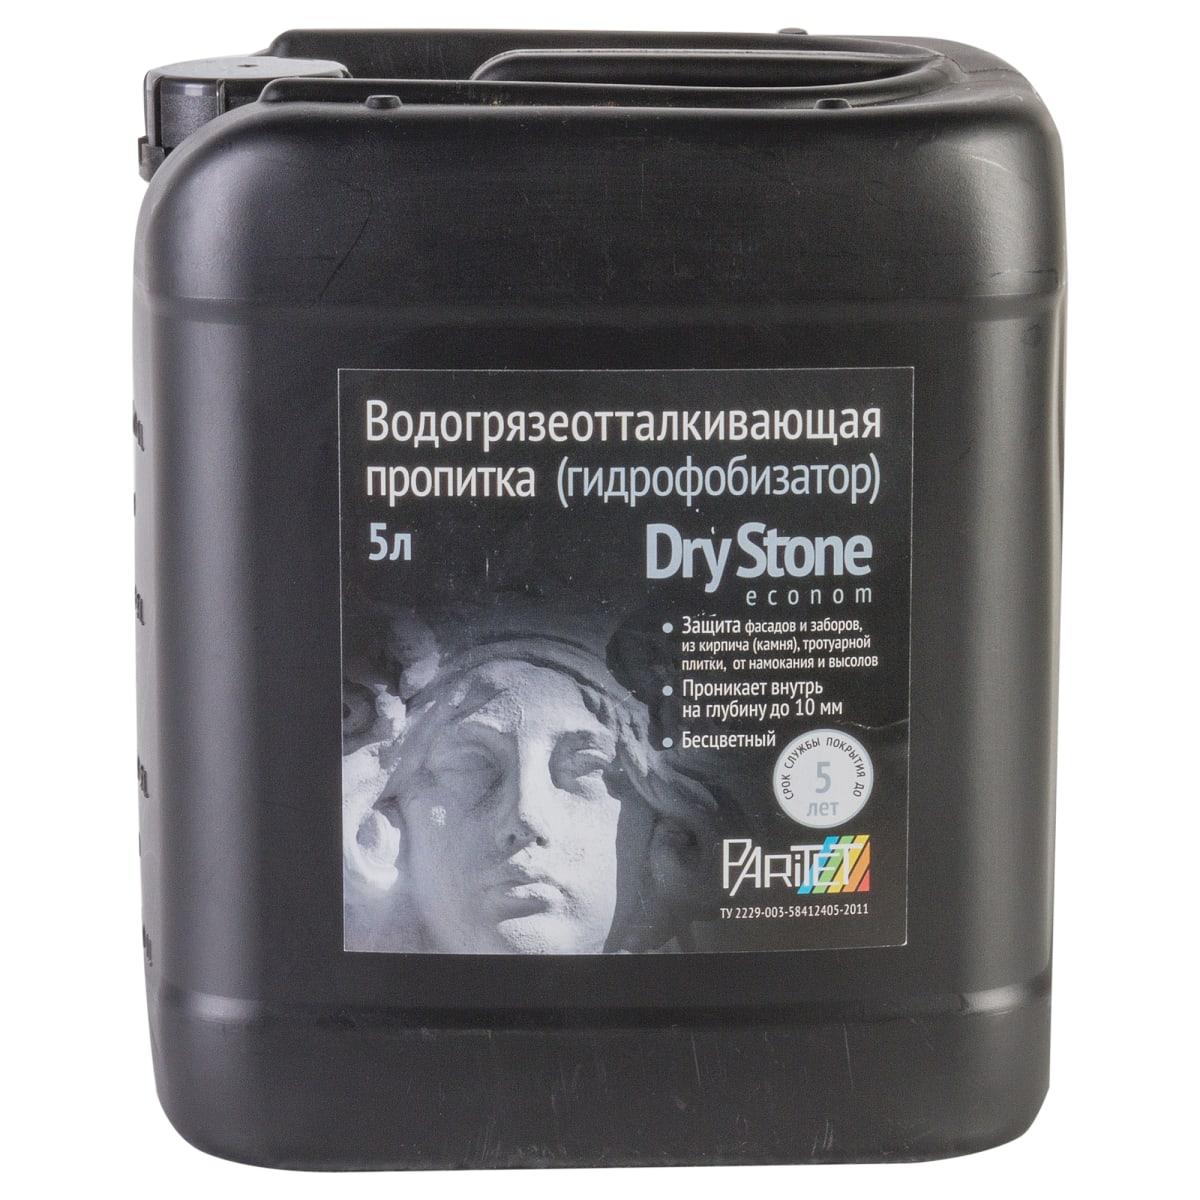 Купить пропитку для бетона в леруа мерлен заказать бетон в новороссийске с доставкой